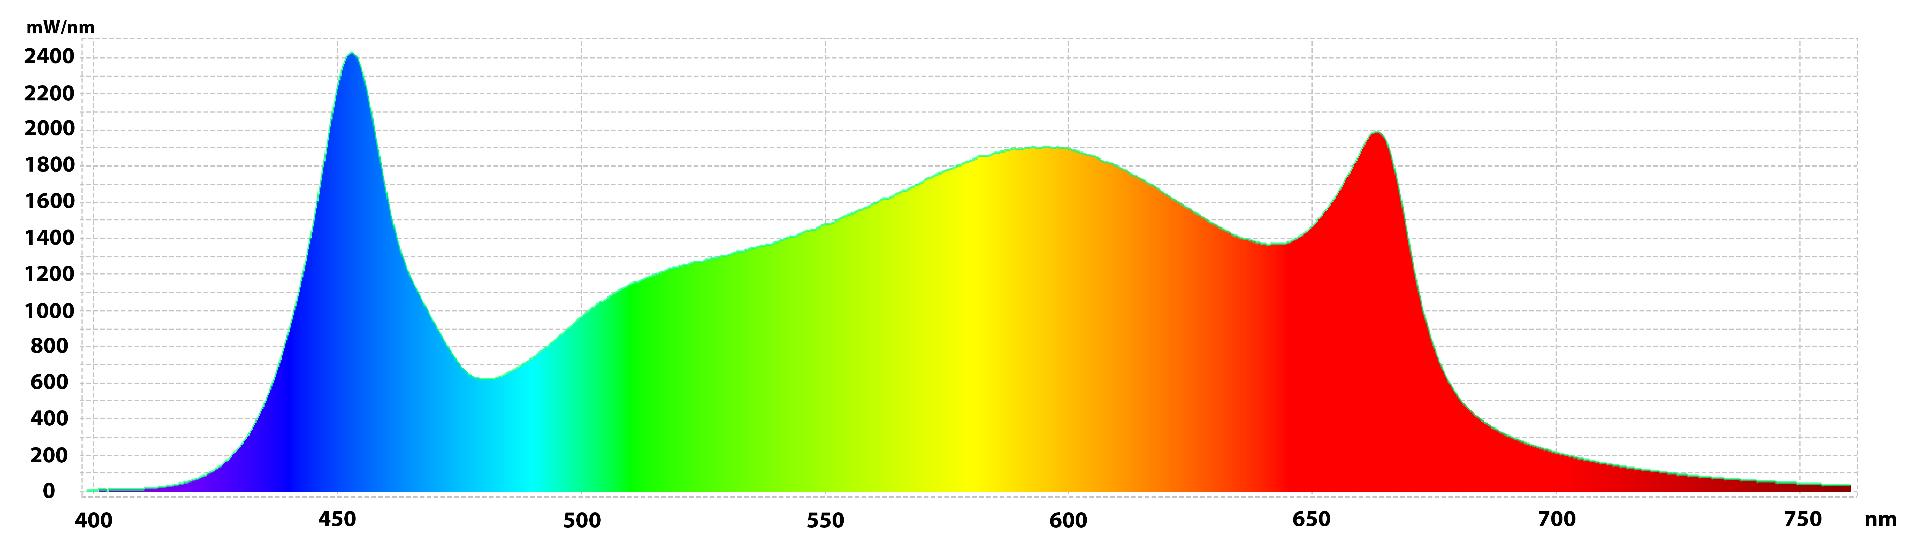 Gavita 1700e LED Light Spectrum Chart